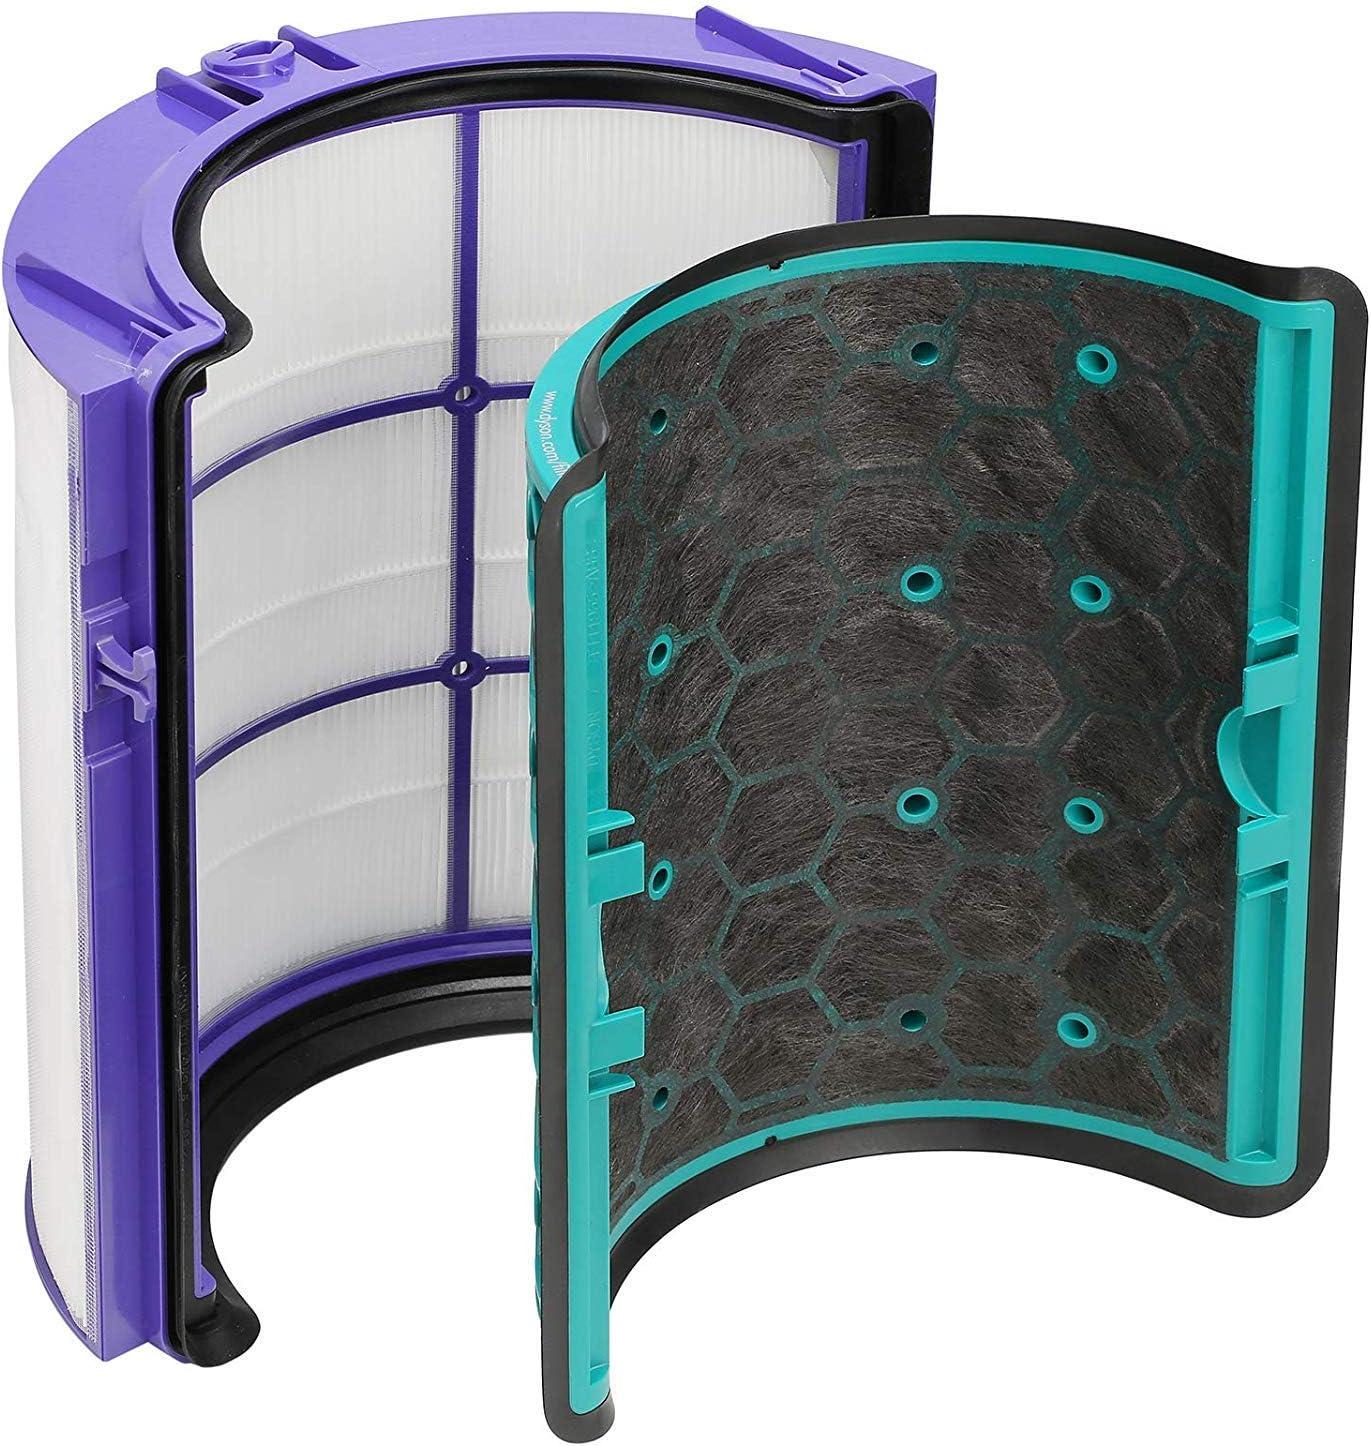 Find A - Filtro HEPA de repuesto y filtro de carbón activado ...